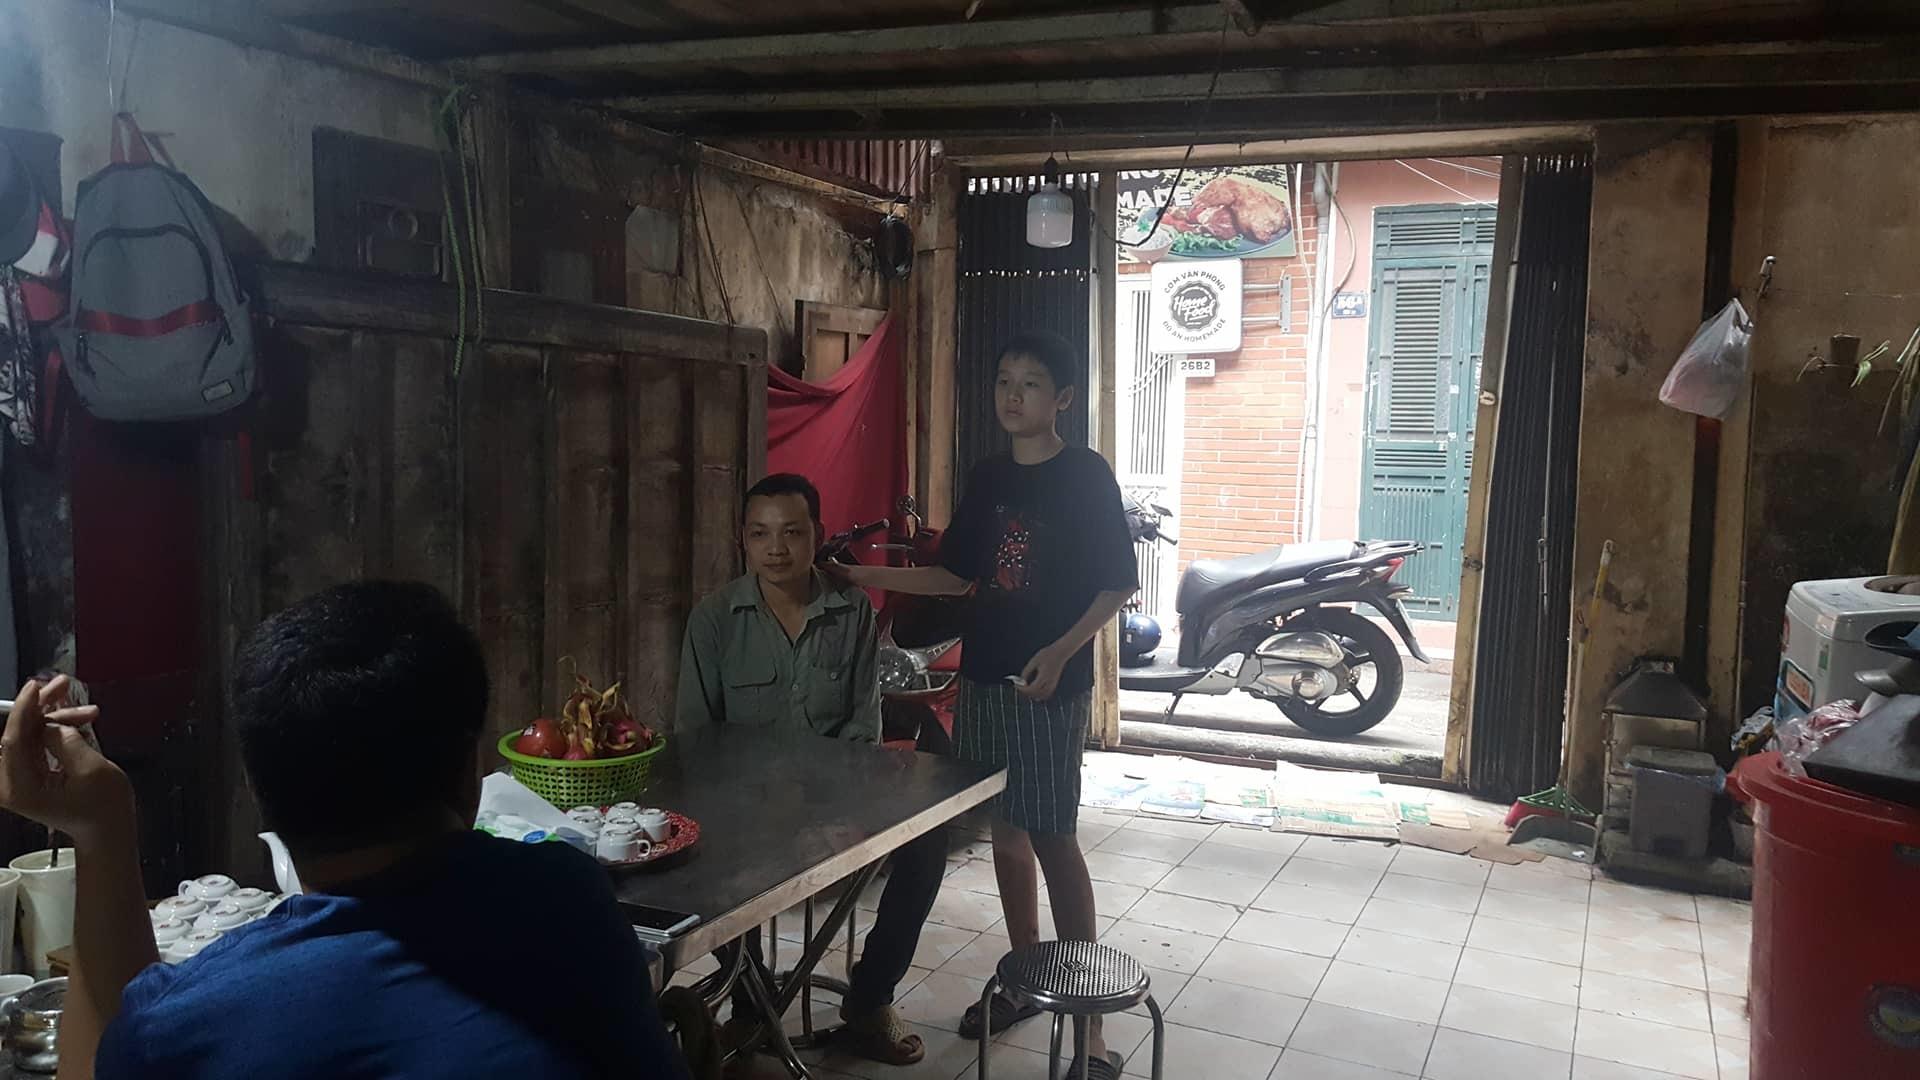 Chồng người phụ nữ mất ở hầm Kim Liên: 'Vợ nhận điện thoại giữa đêm, dắt xe đi mãi'